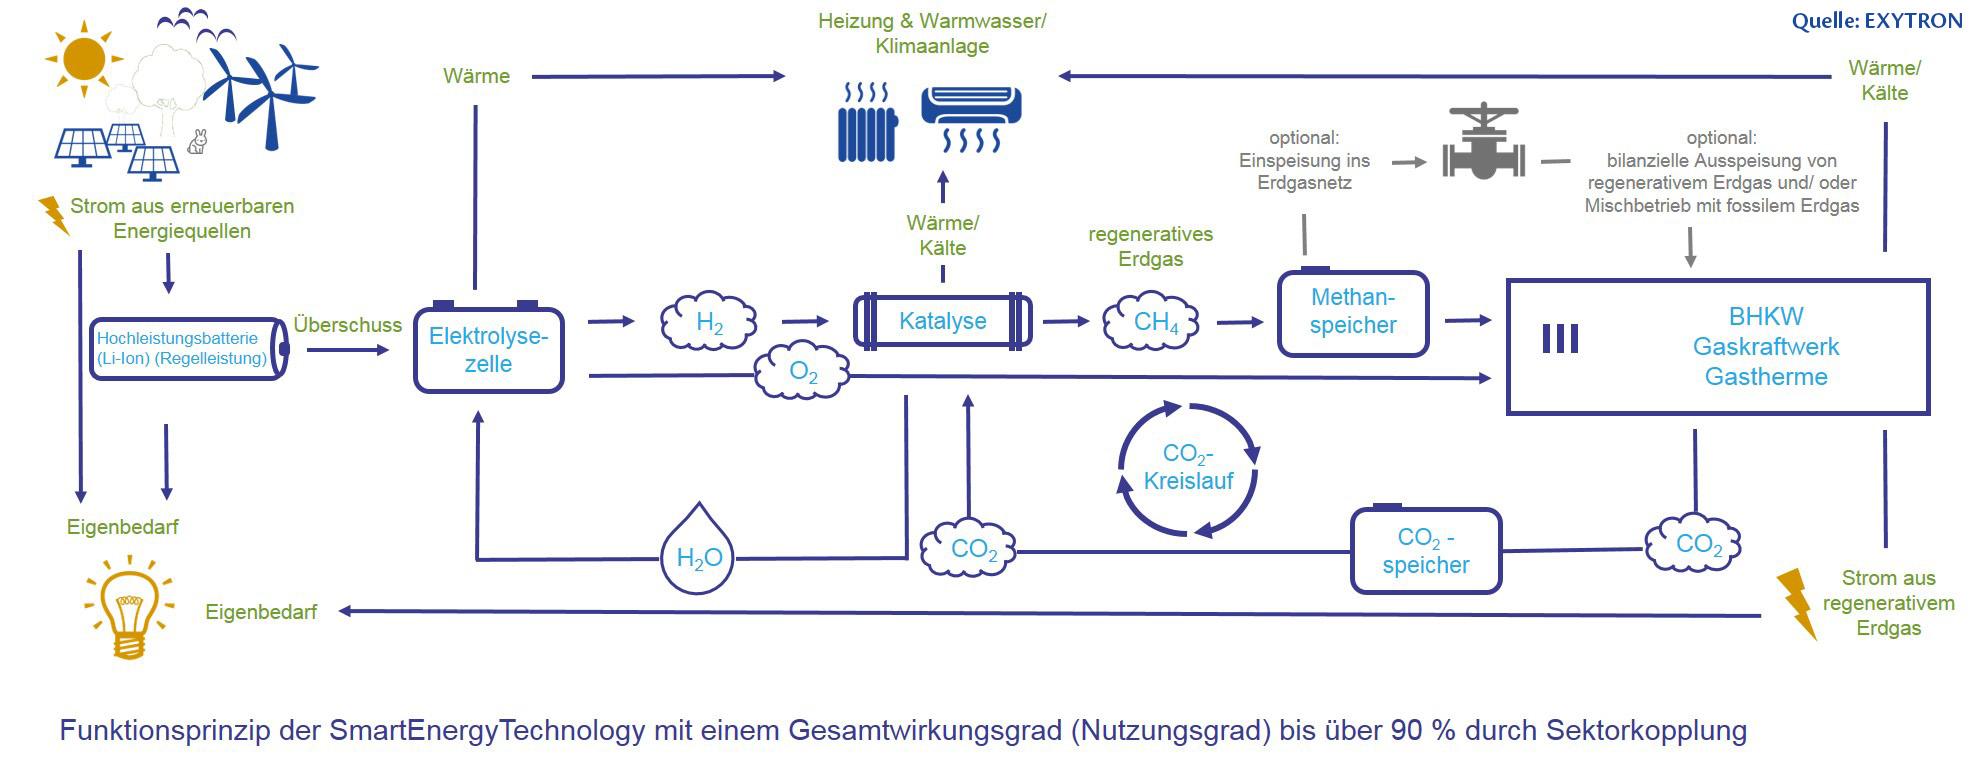 Grafik des Funktionsprinzip des Blockheizkraftwerkes